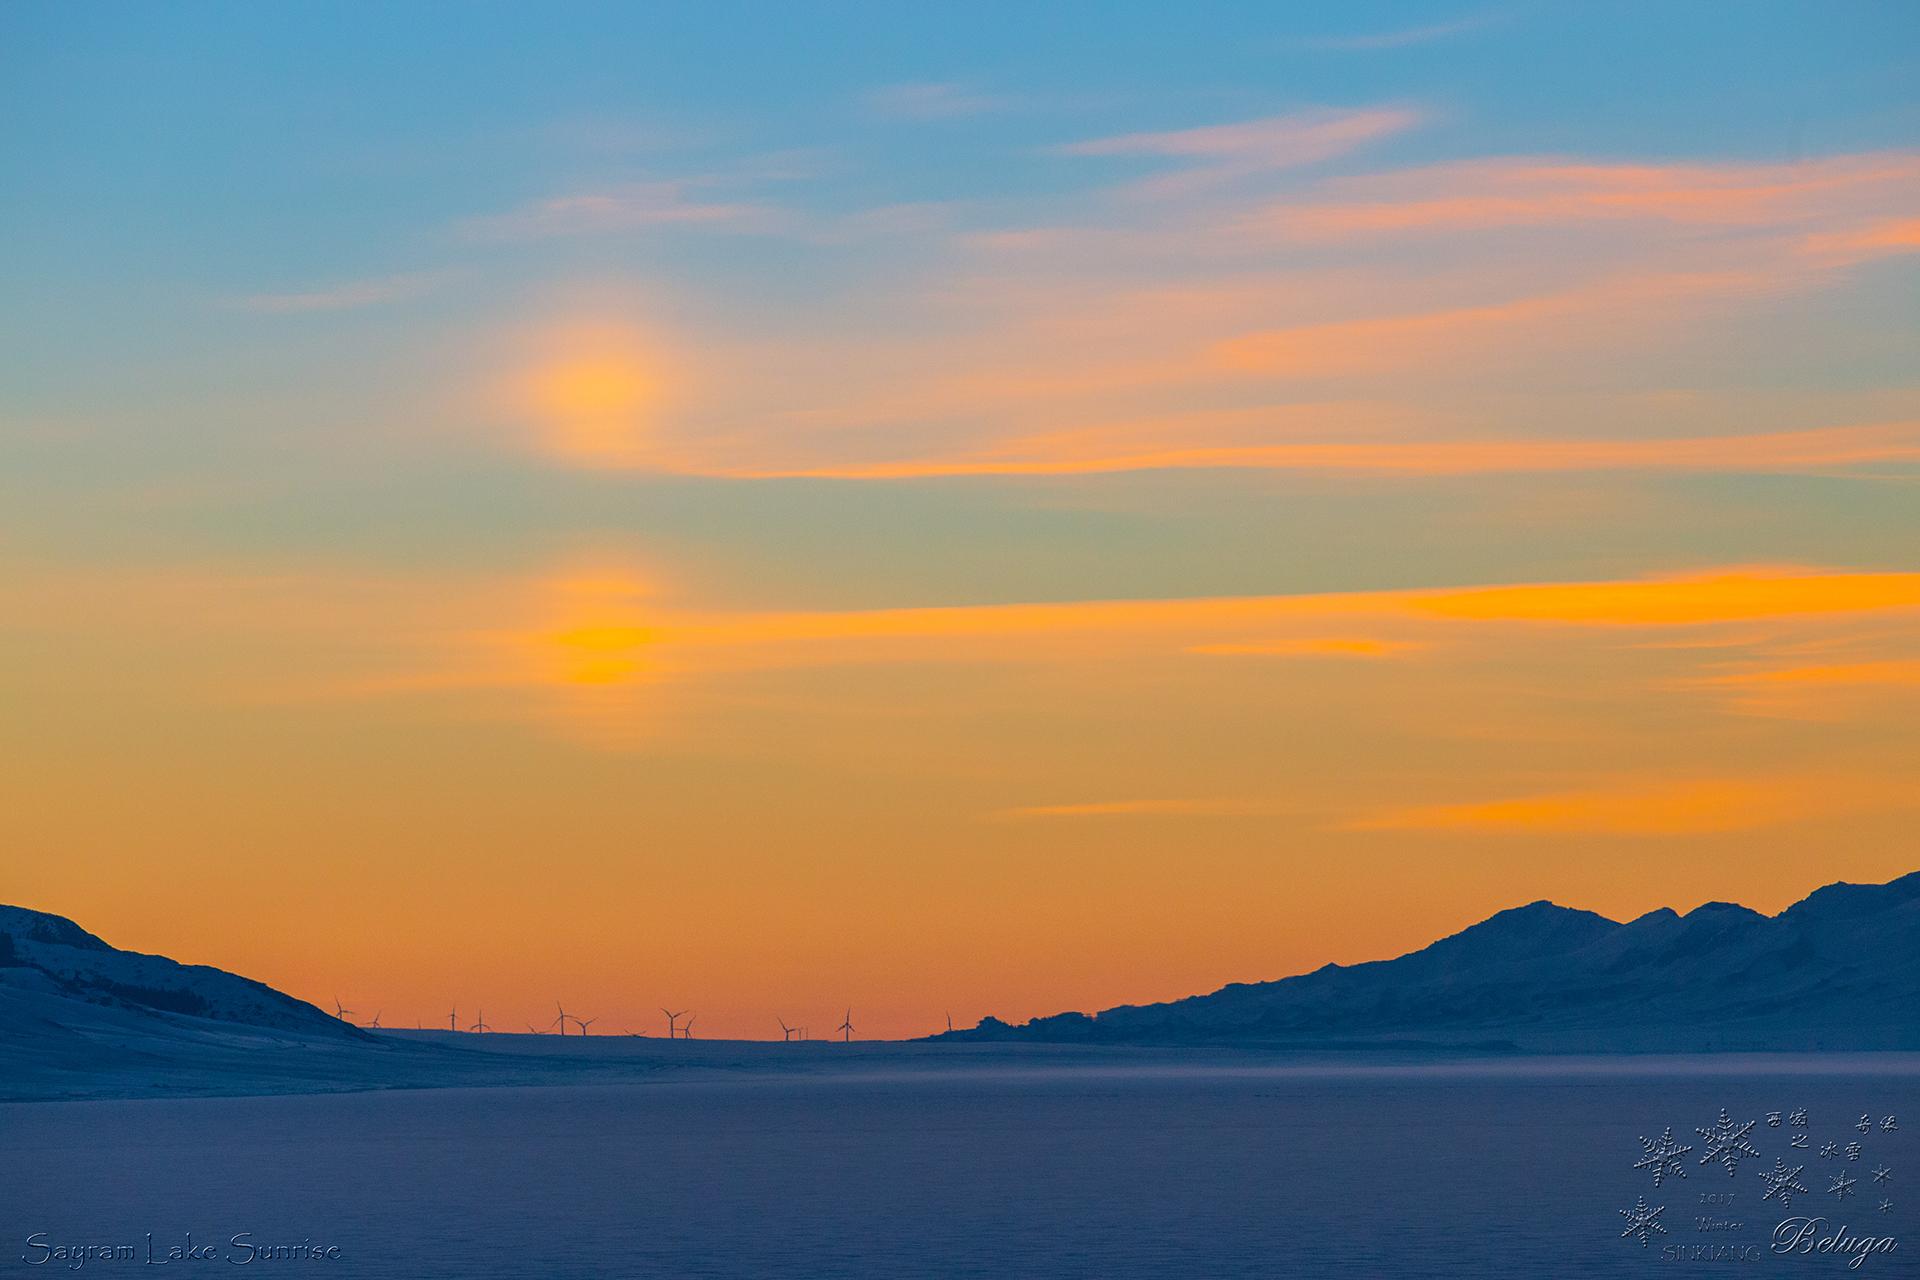 1.Sayram Lake Sunrise_1920.jpg